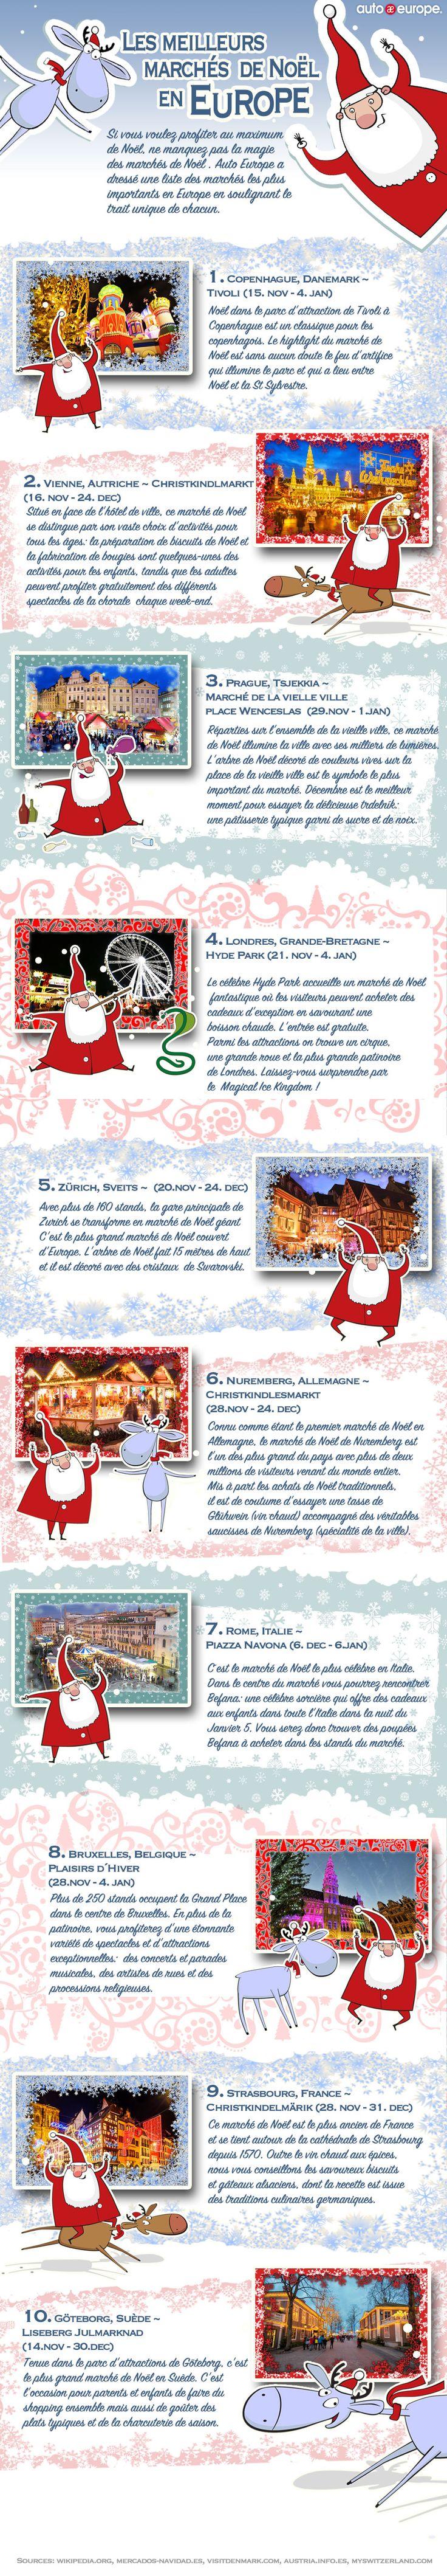 Infographie : Les meilleurs marchés de Noël en Europe - Pour consulter plus d'infographies, cliquez ici : http://www.autoeurope.fr/go/infographie/